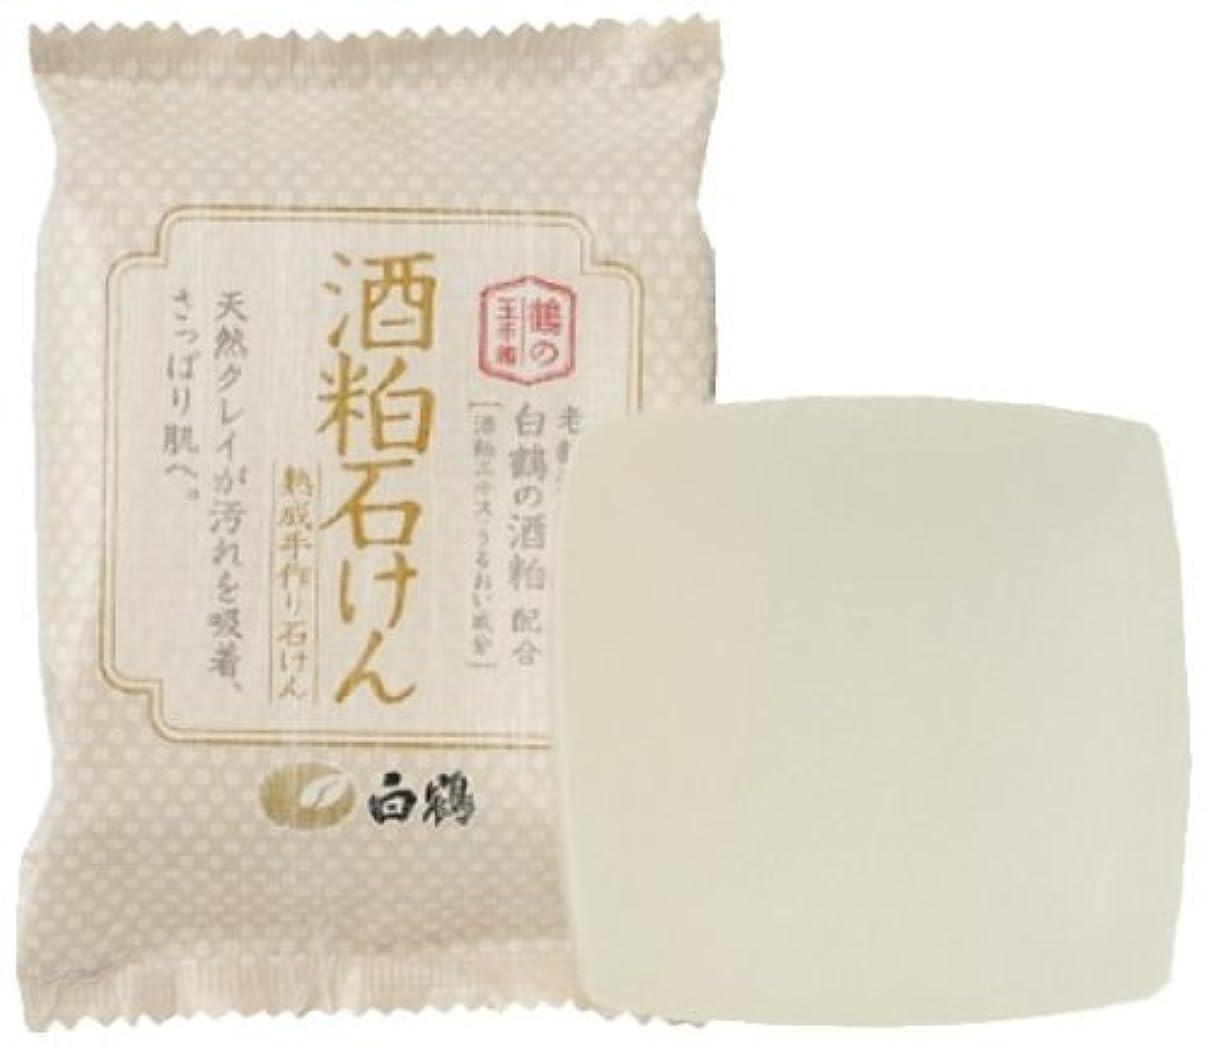 汗花束バラ色白鶴 鶴の玉手箱 酒粕石けん 100g × 5個